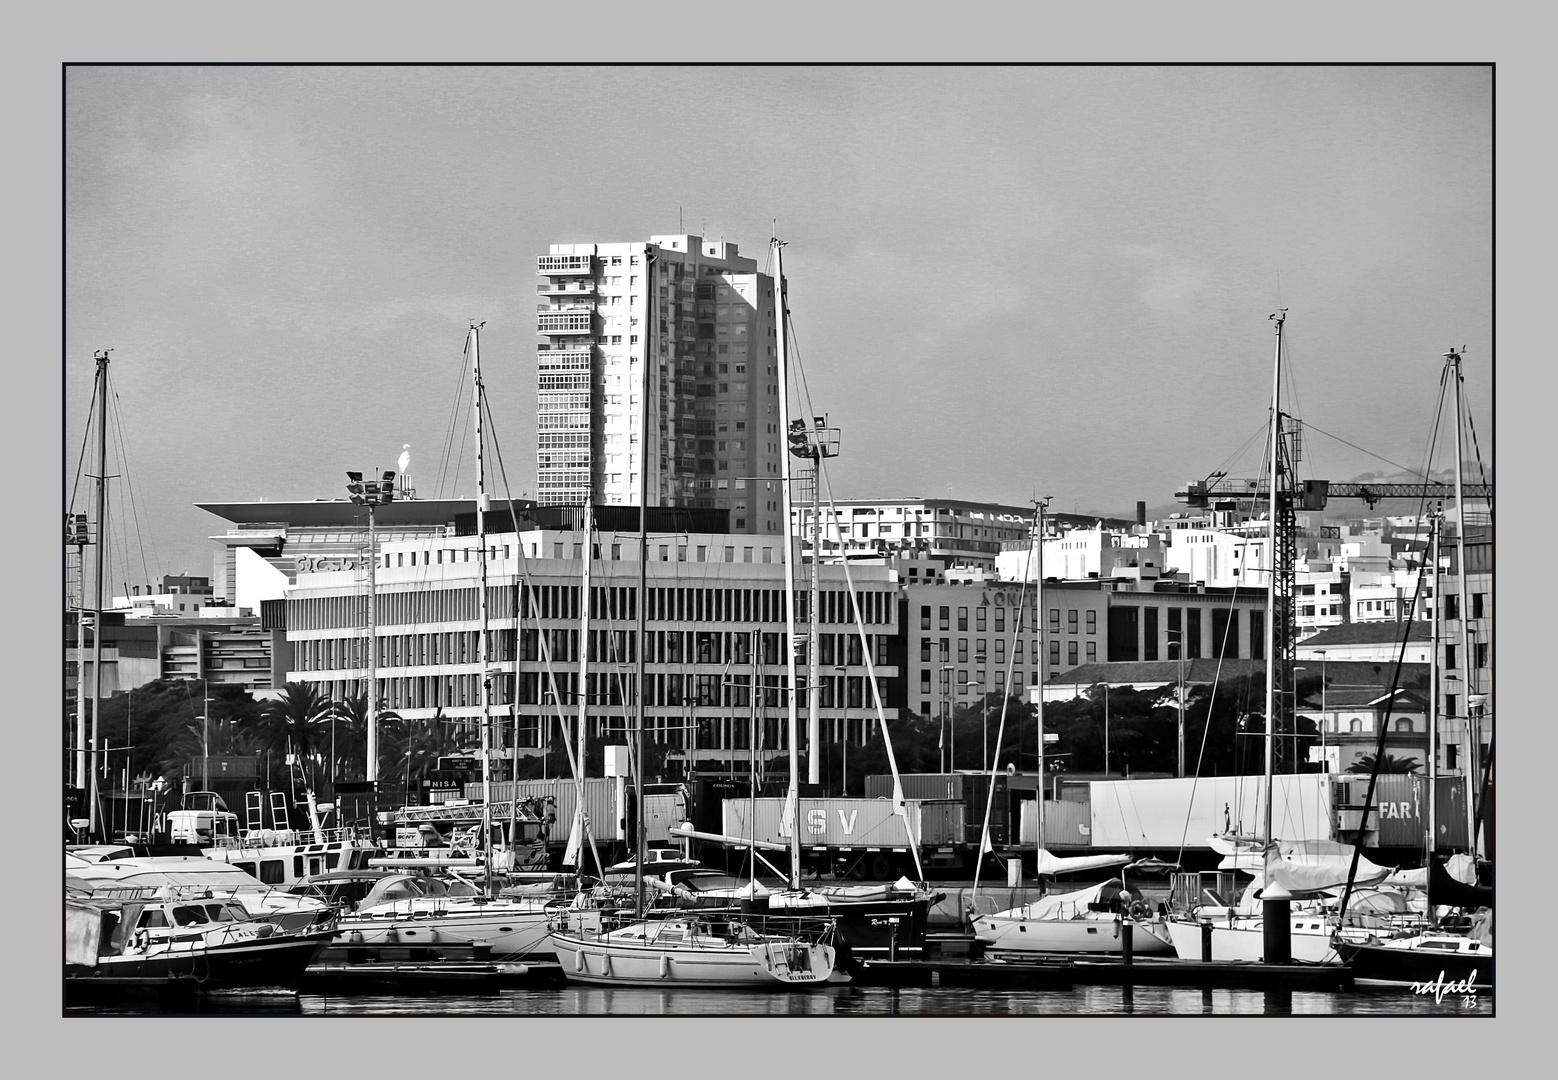 La ciudad y los barcos